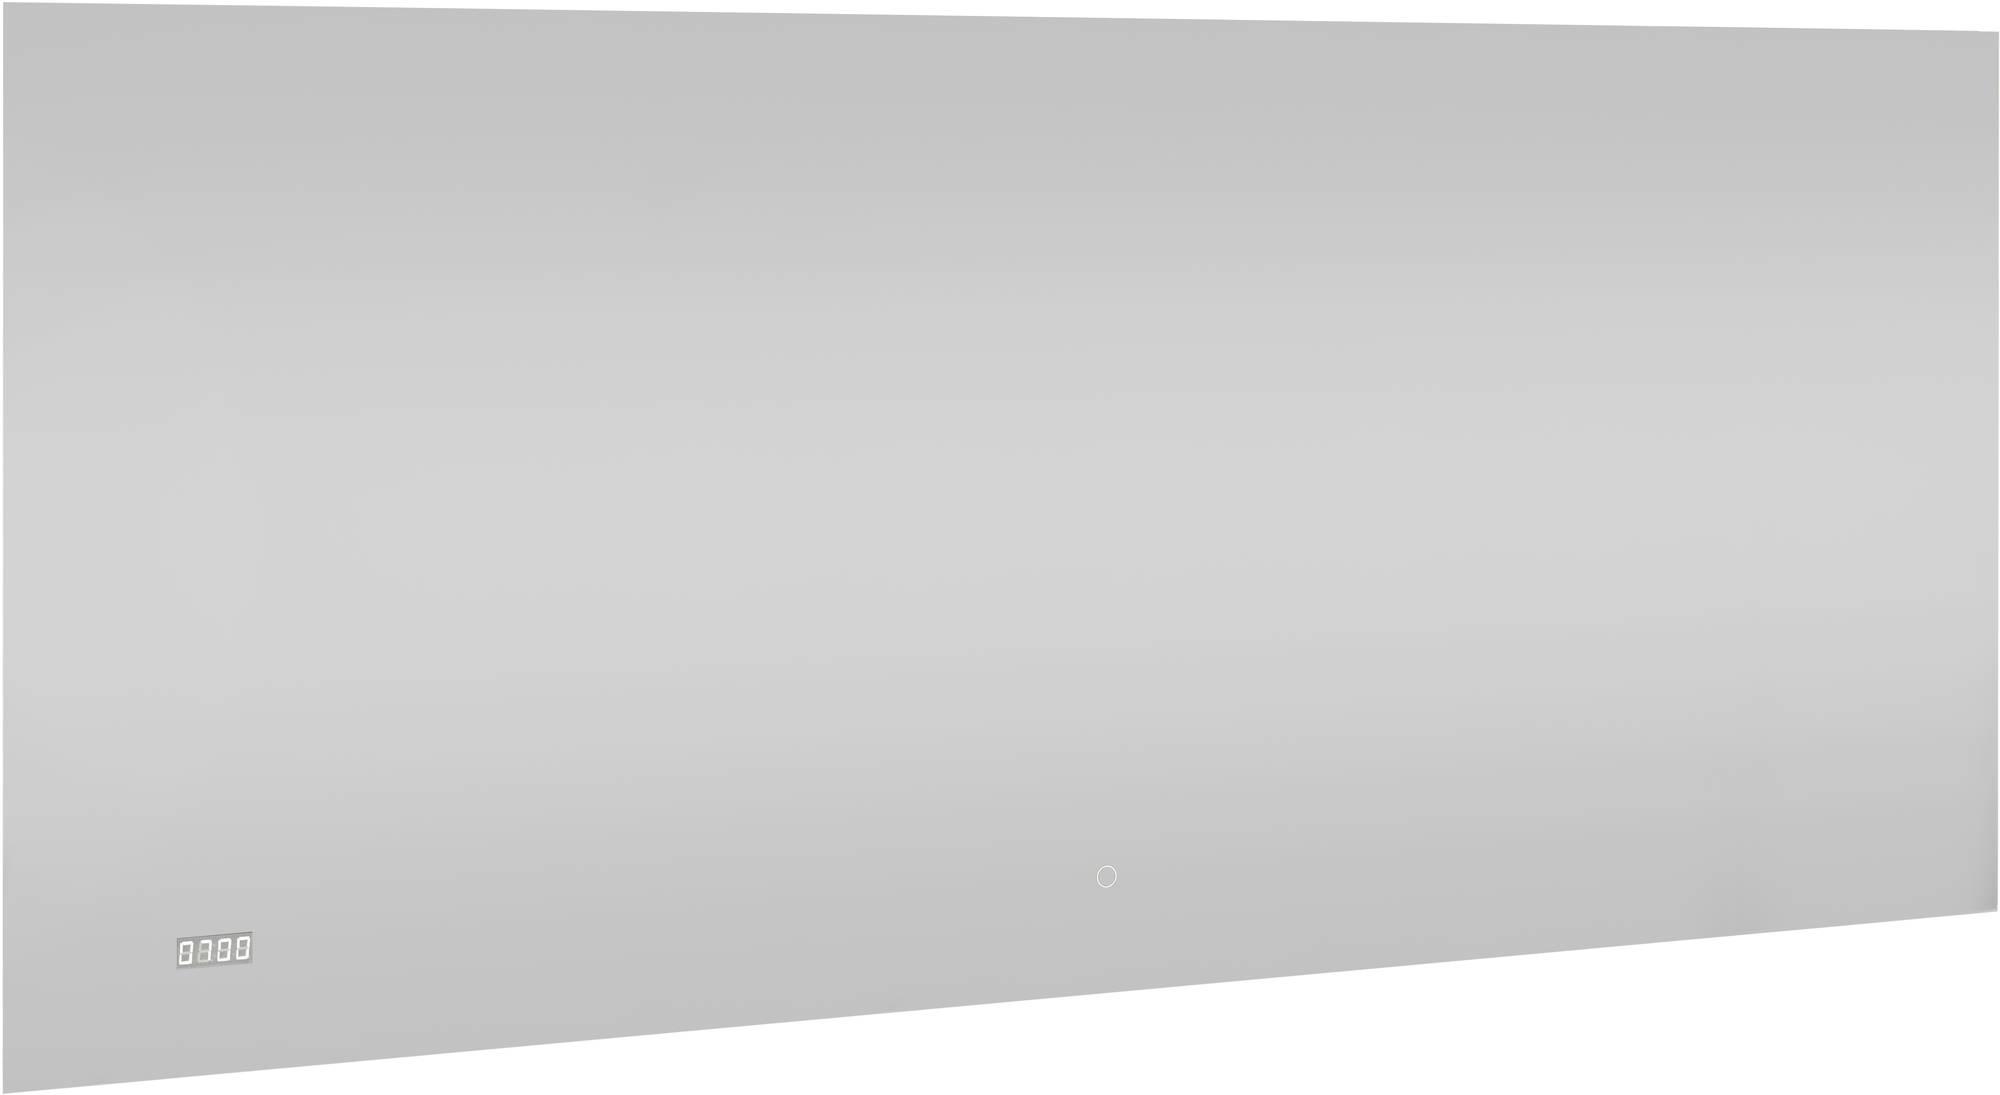 Ben Watch spiegelpaneel met LED verlichting rondom 160x70 cm